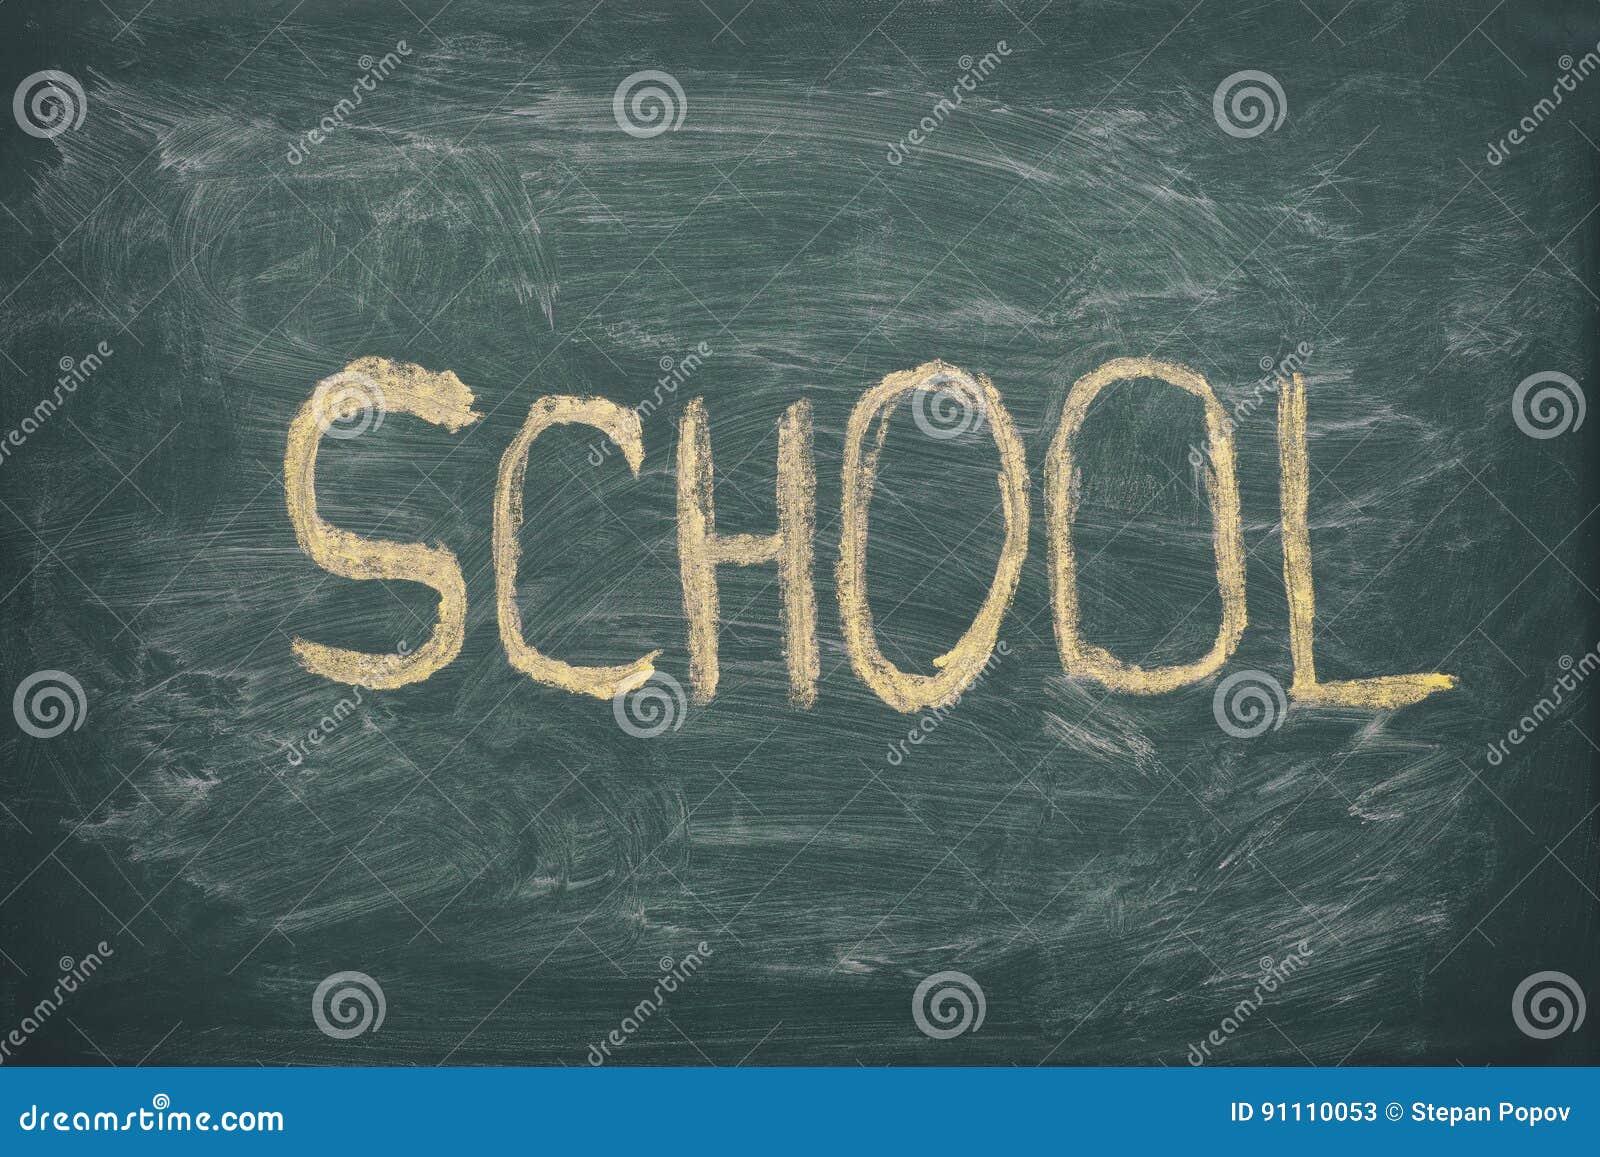 Word School On Green Chalkboard Background